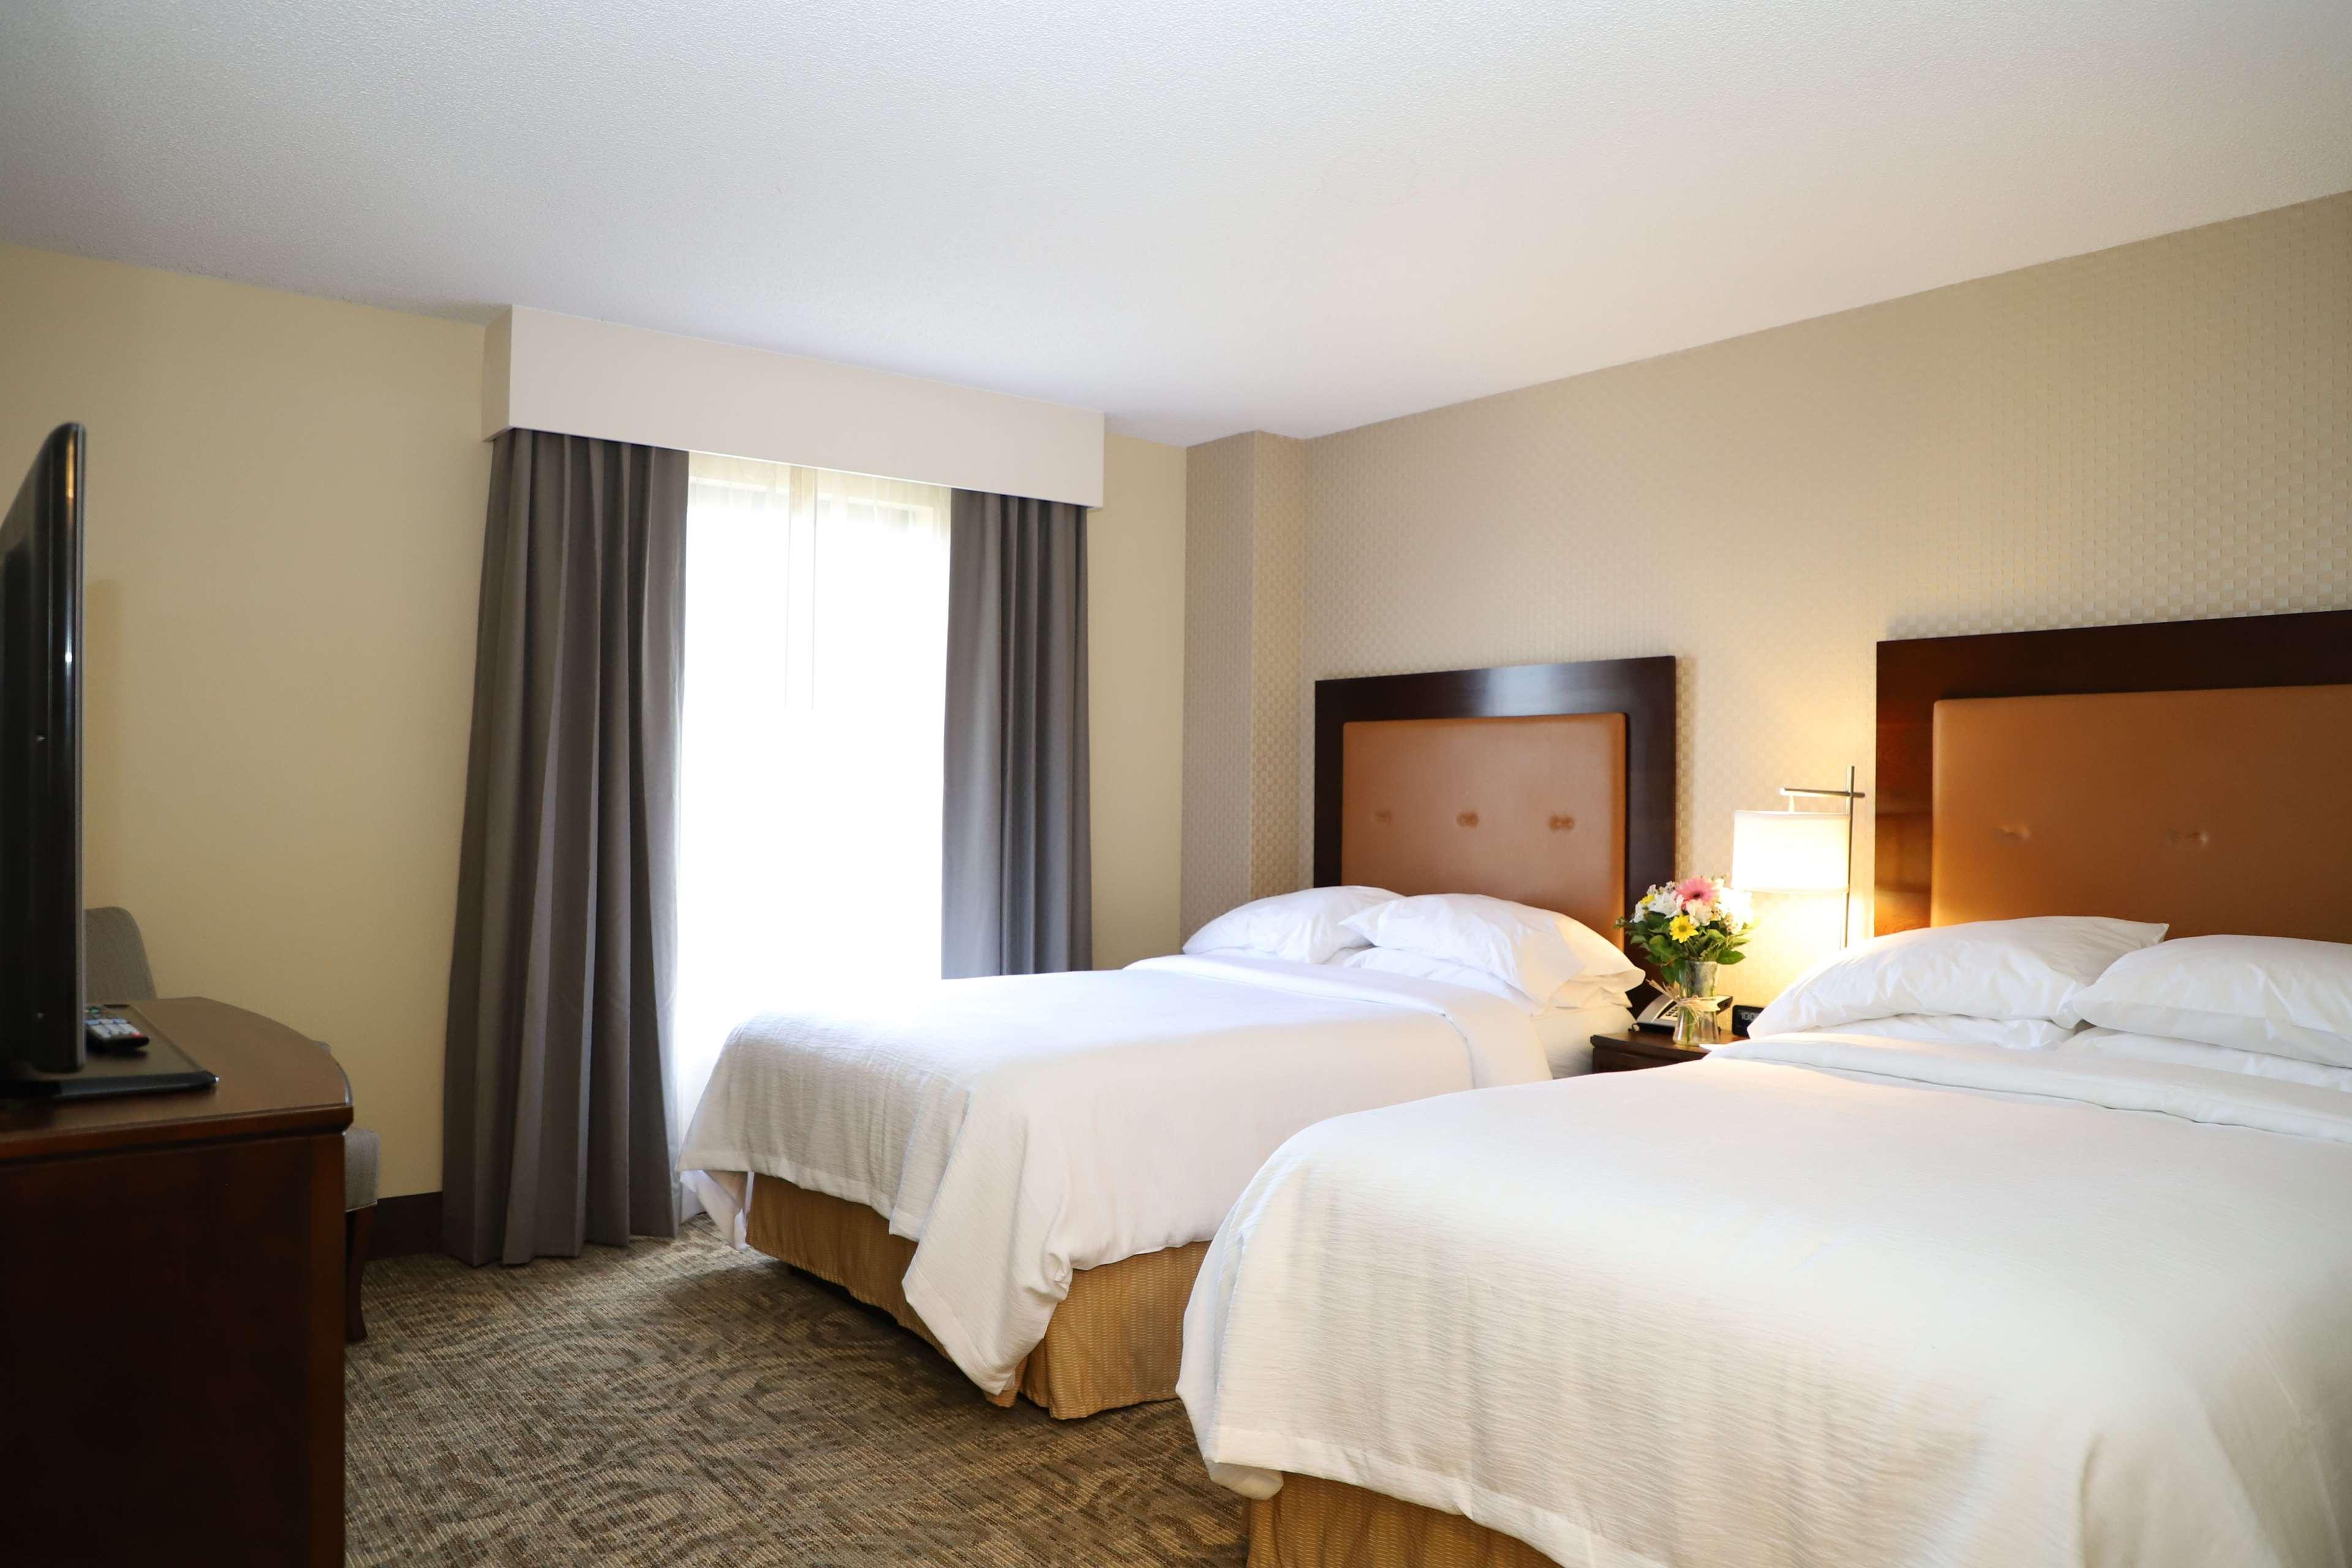 Embassy Suites by Hilton Nashville at Vanderbilt image 40